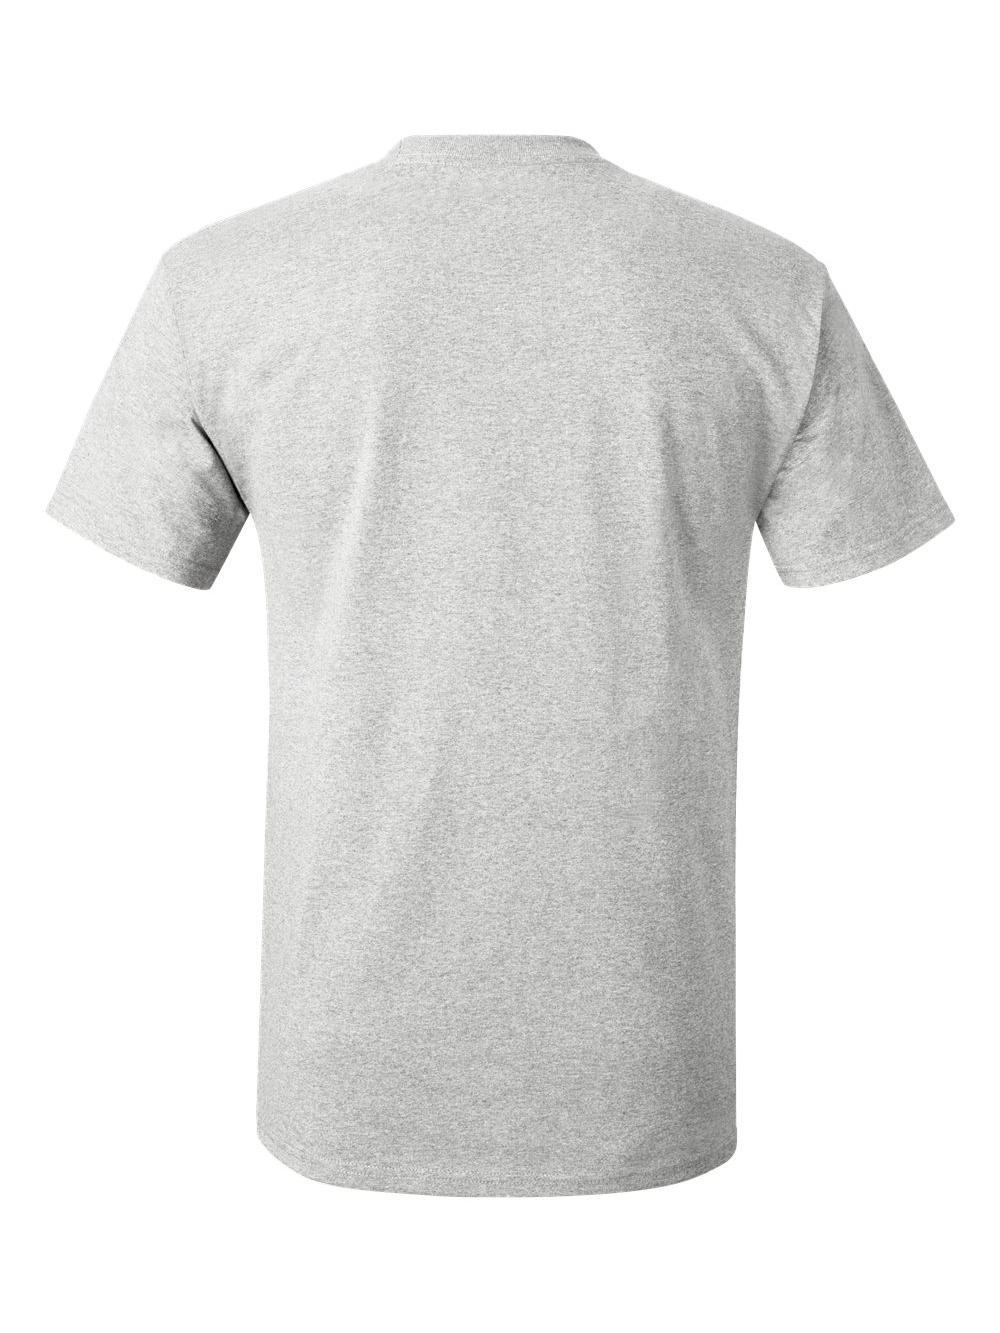 Hanes-Tagless-T-Shirt-5250 thumbnail 4